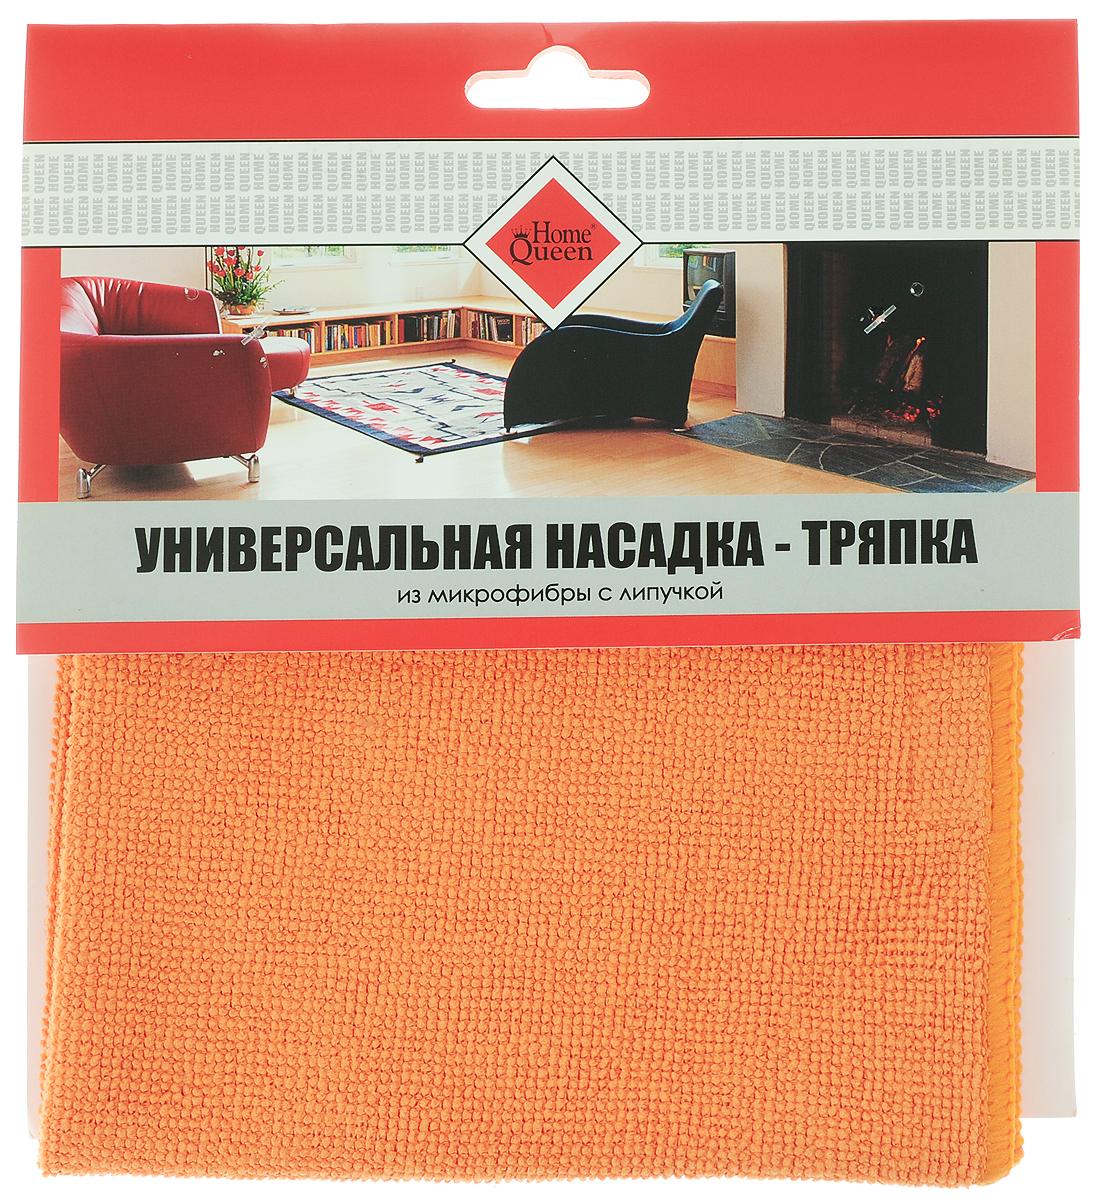 Насадка-тряпка для швабры Home Queen, с липучкой, универсальная, цвет: оранжевый, 38 х 40 см58041_ оранжевыйНасадка-тряпка для швабры Home Queen изготовлена из микрофибры. Тряпка гарантирует непревзойденную чистоту при сухой и влажной уборке. Она идеальна для стеклянных и блестящих поверхностей, так как не оставляет разводов и ворсинок. Тряпка удаляет большинство жирных и маслянистых загрязнений без использования химических средств. Не царапает поверхность, поэтому подходит для безопасной уборки любых поверхностей. Впитывает гораздо больше воды, чем обычная ткань. Она имеет противогрибковый эффект, удаляет бактерии и микробы. Тряпка легко стирается и подходит для многоразового и продолжительного использования. Тряпка оснащена липучкой, поэтому ее легко надевать на любую швабру. Стирать вручную или в стиральной машине с мягким моющим средством без использования кондиционера и отбеливателя, при температуре 40°С.